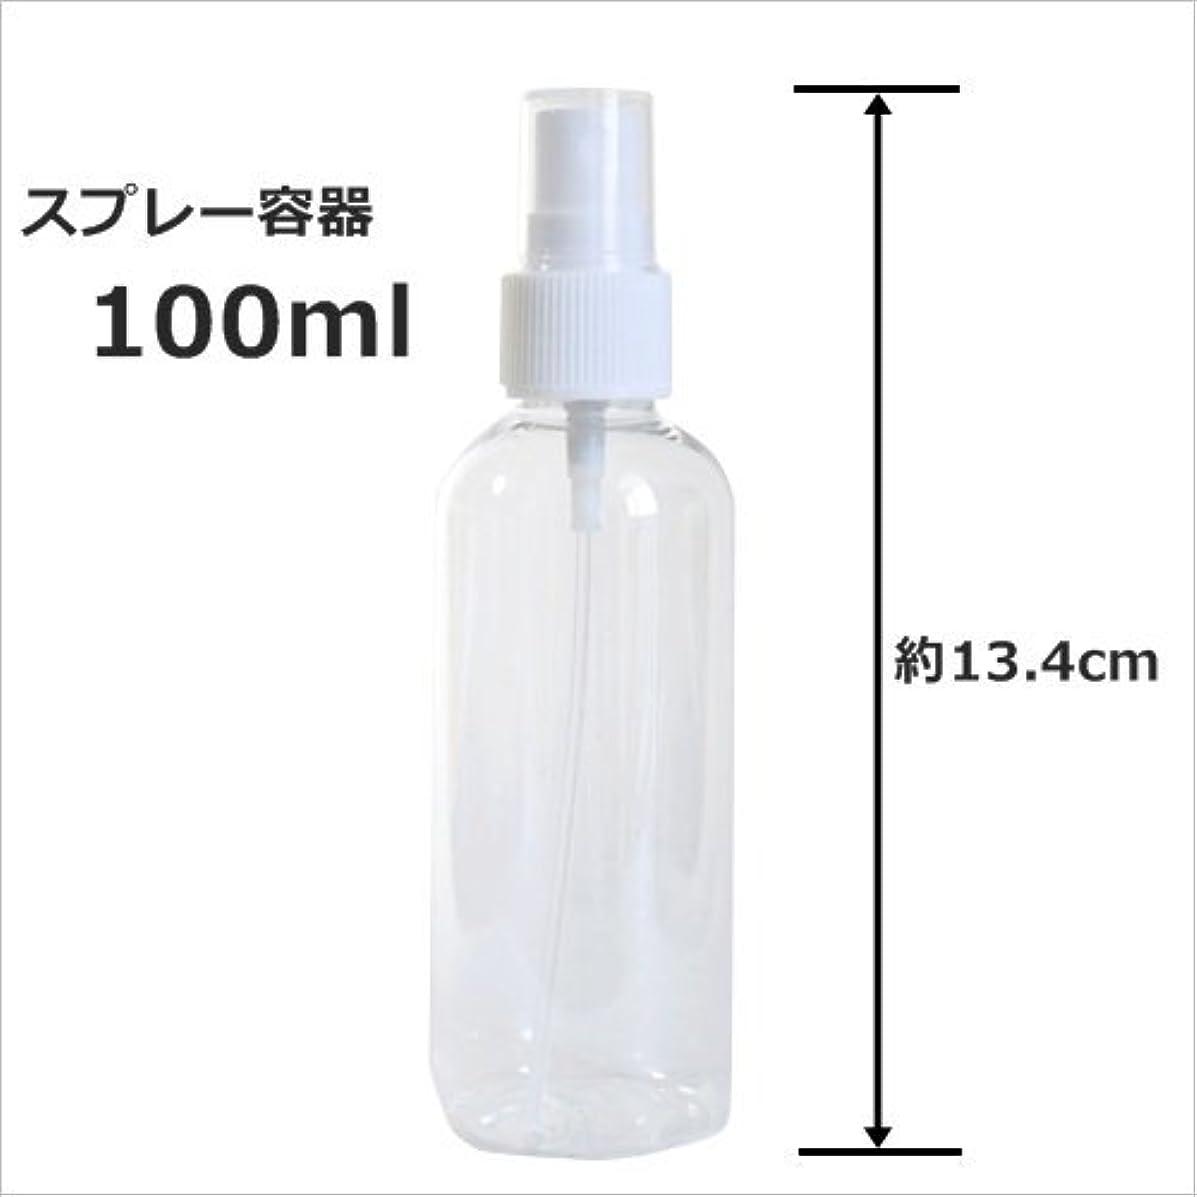 スプレーボトル 100ml プラスチック容器 happy fountain